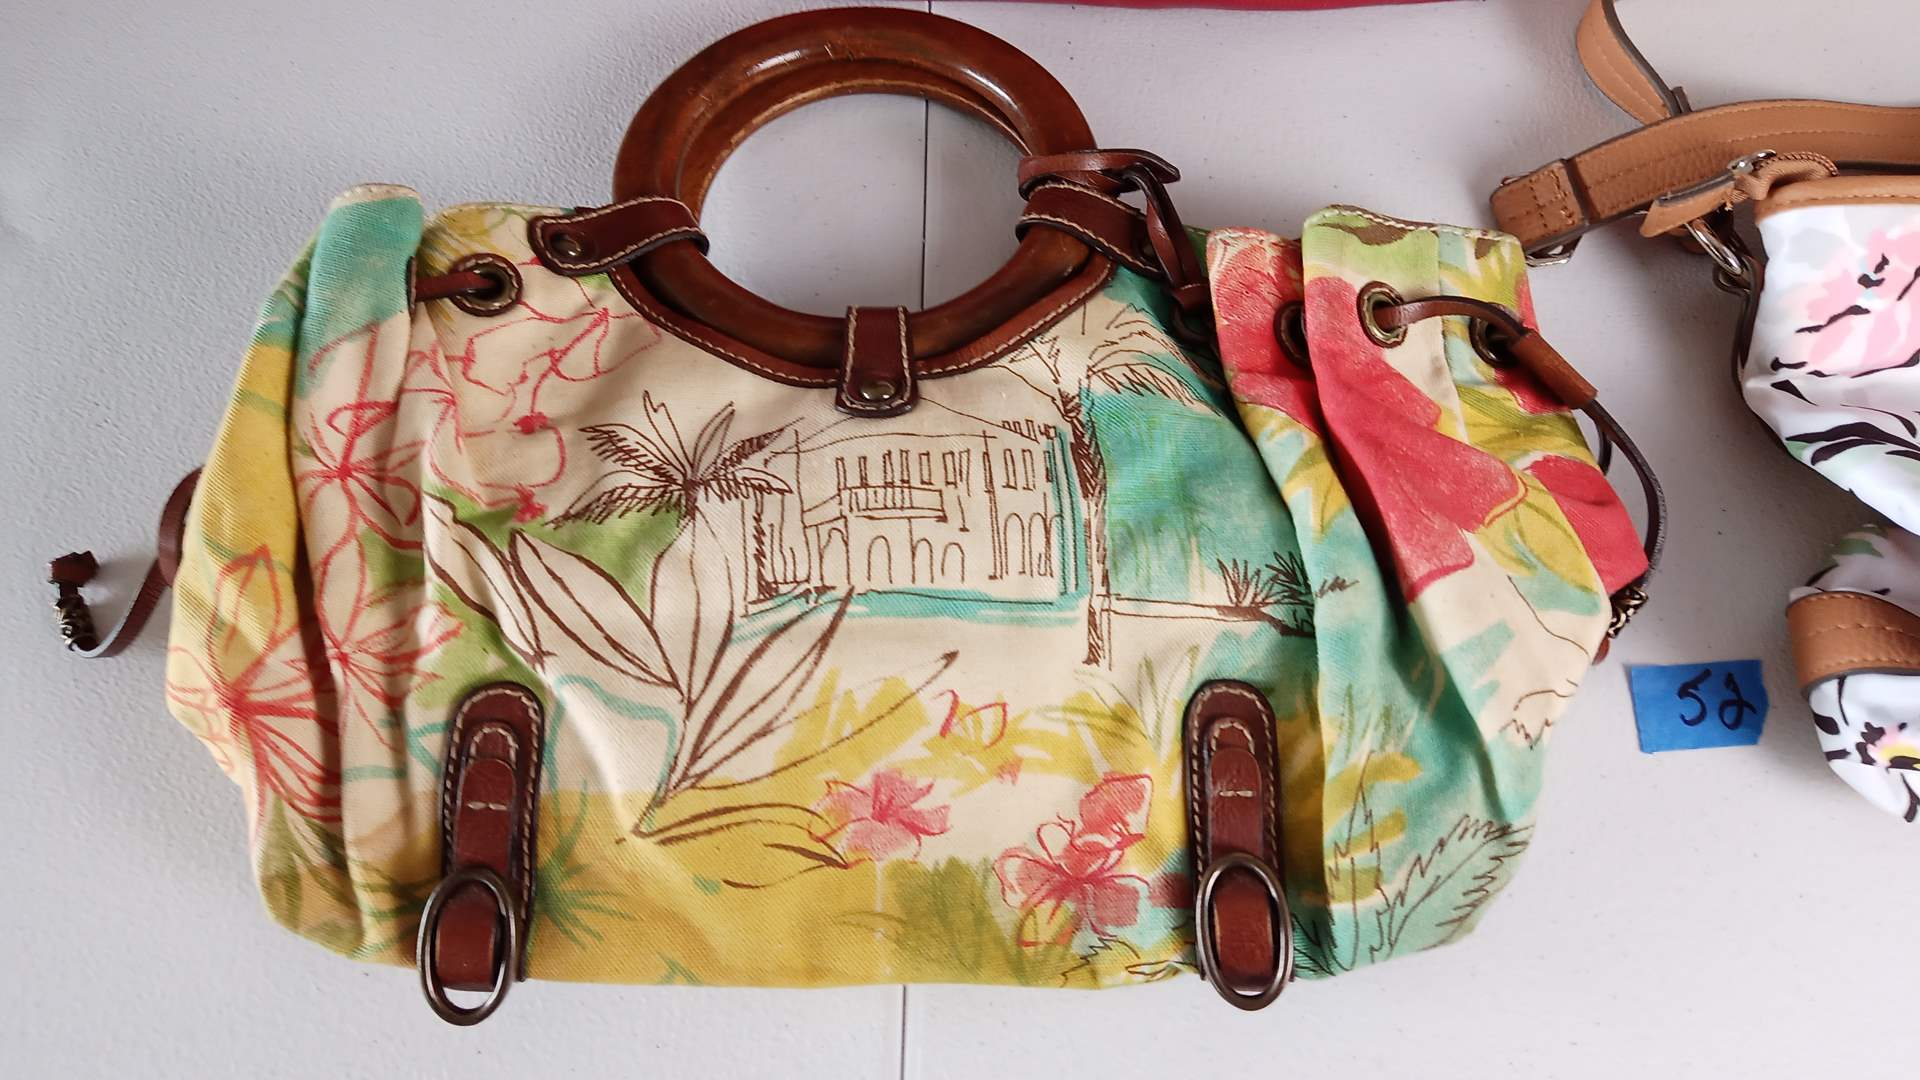 Lot # 52 8 Woman's Purses, Beach & Duffel Bags